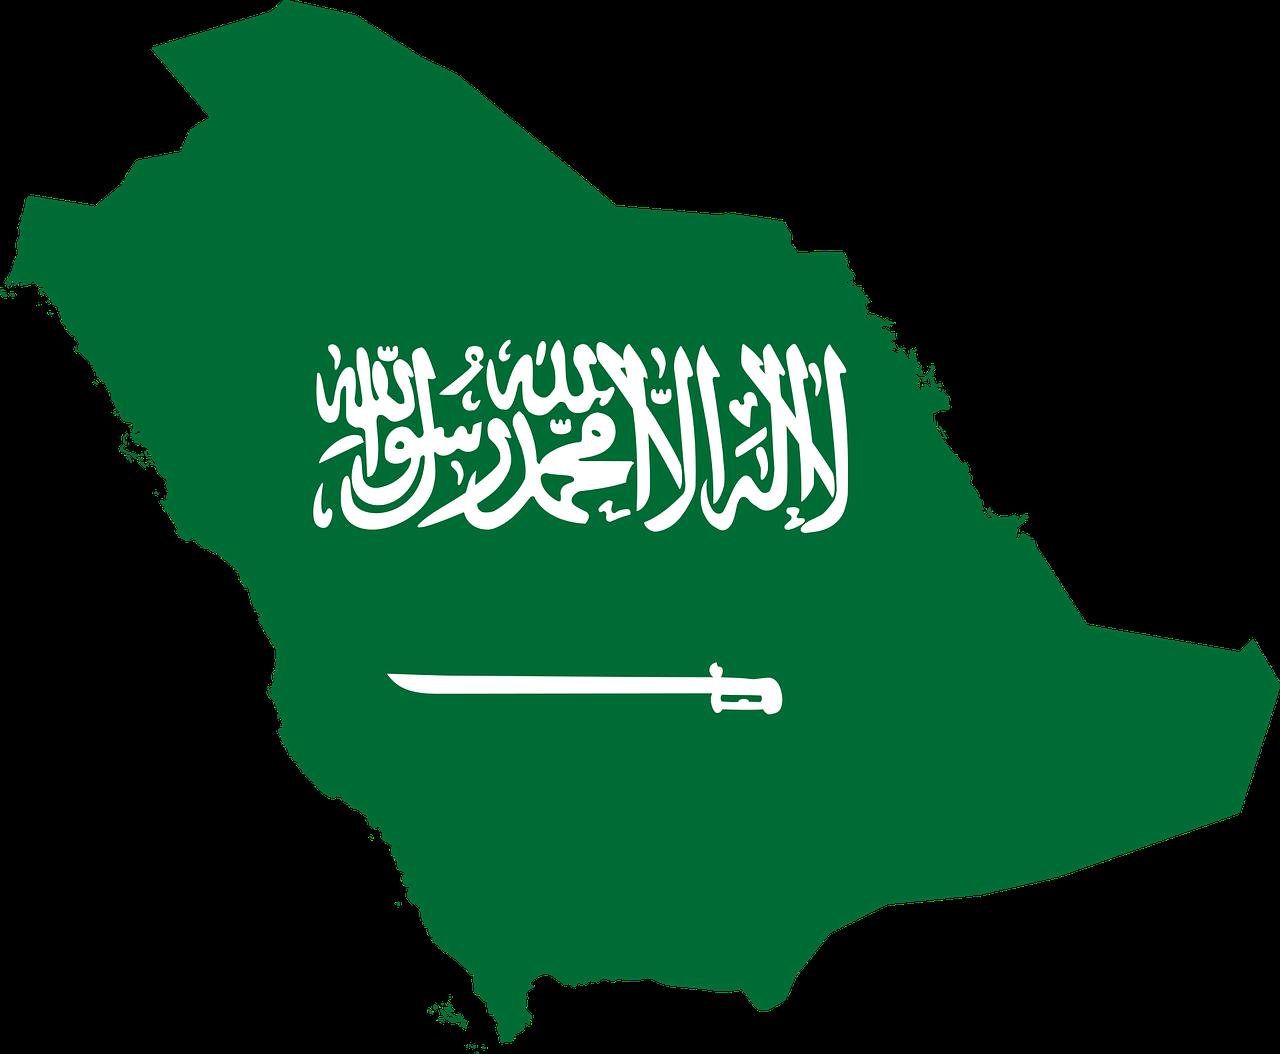 وزارة الداخلية تعلن تجديد عقوبة مخالفة احترازات كورونا بالقطاعات الخاصة